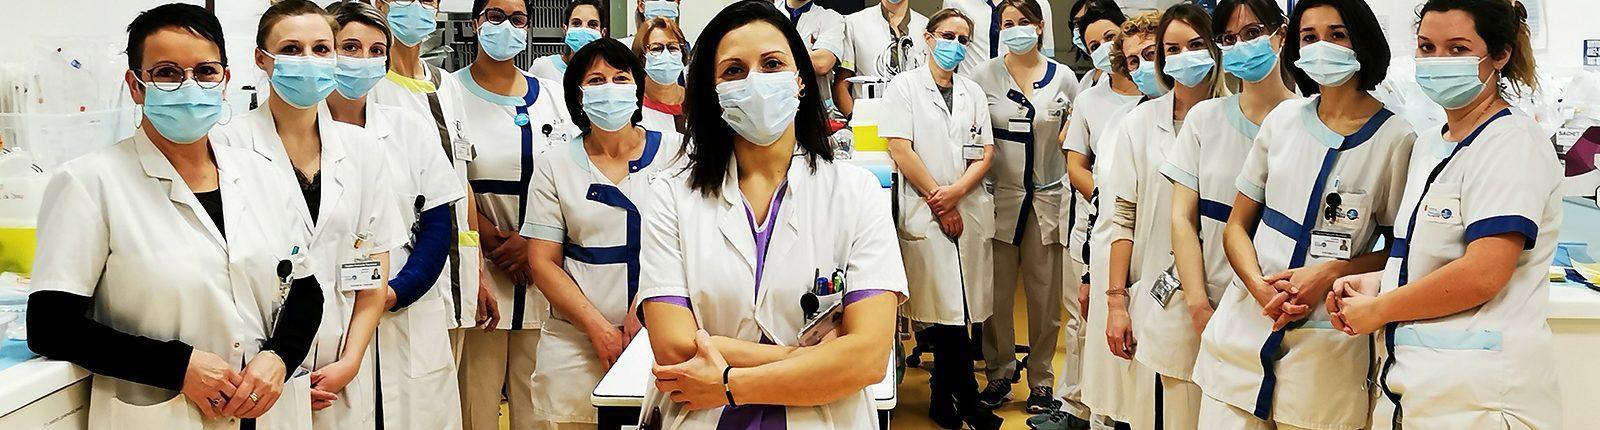 Hôpital de jour d'oncologie